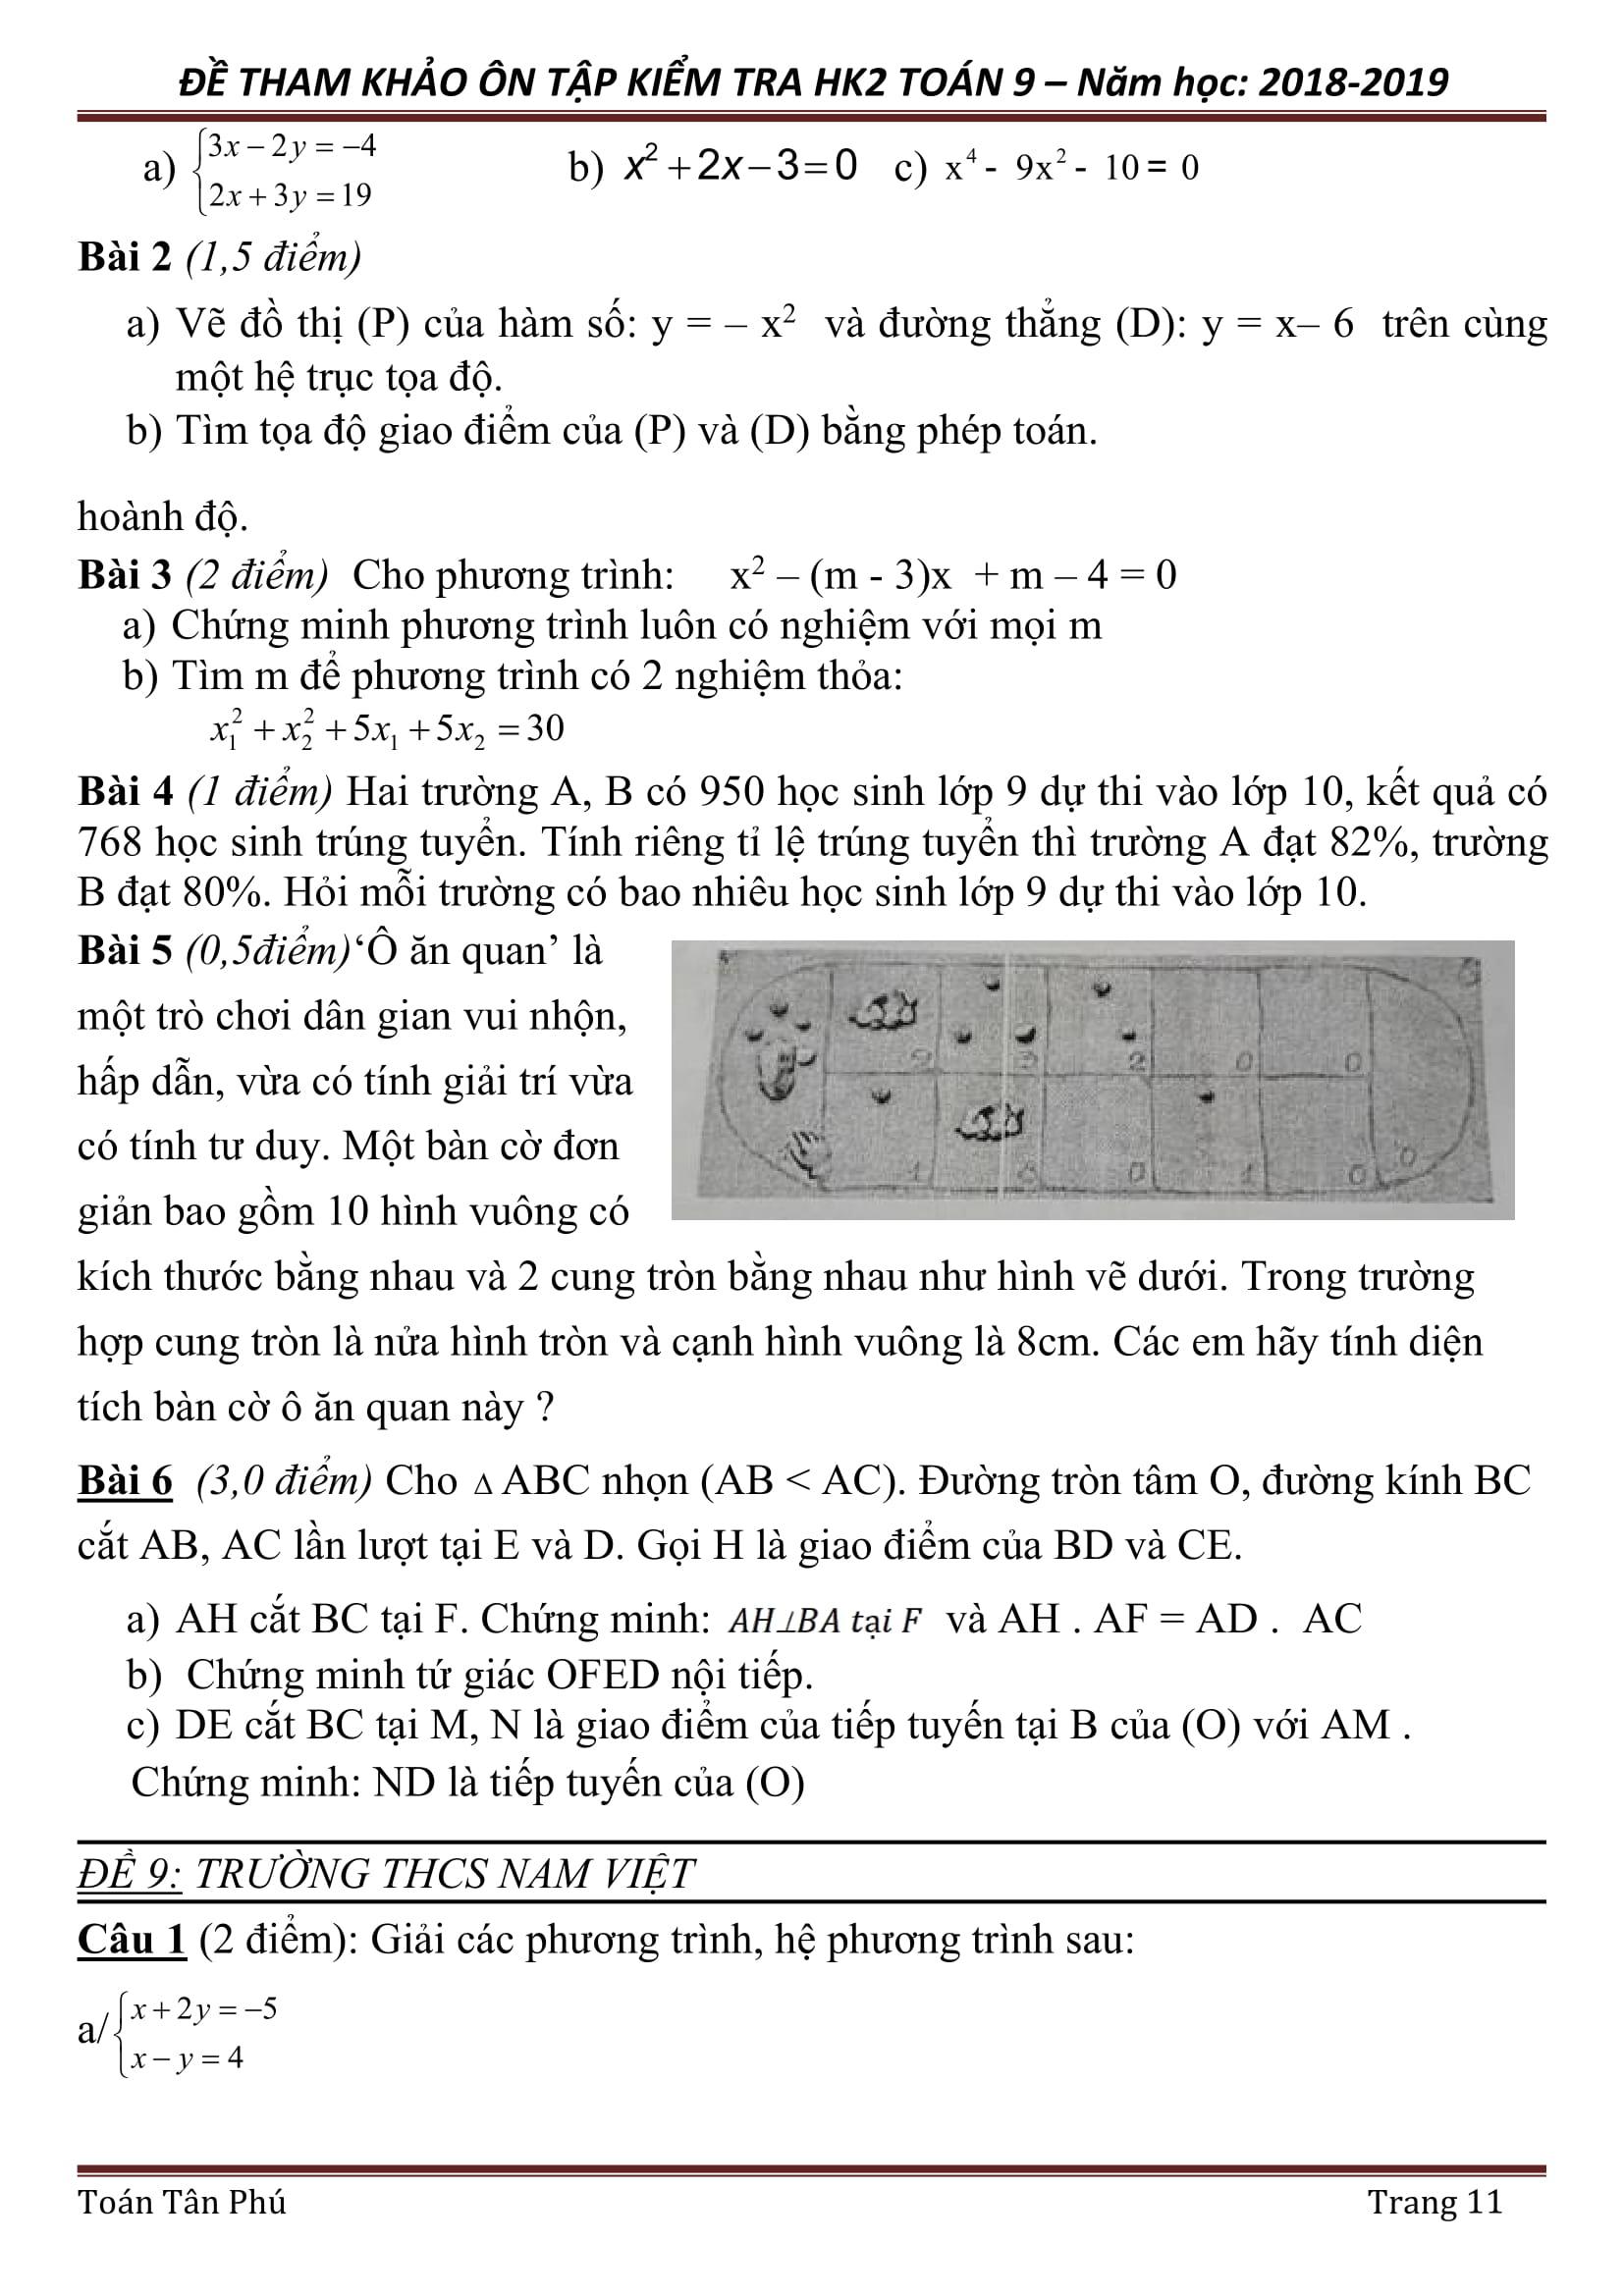 Đề kiểm tra mẫu HKII Toán 9 (2018 - 2019)